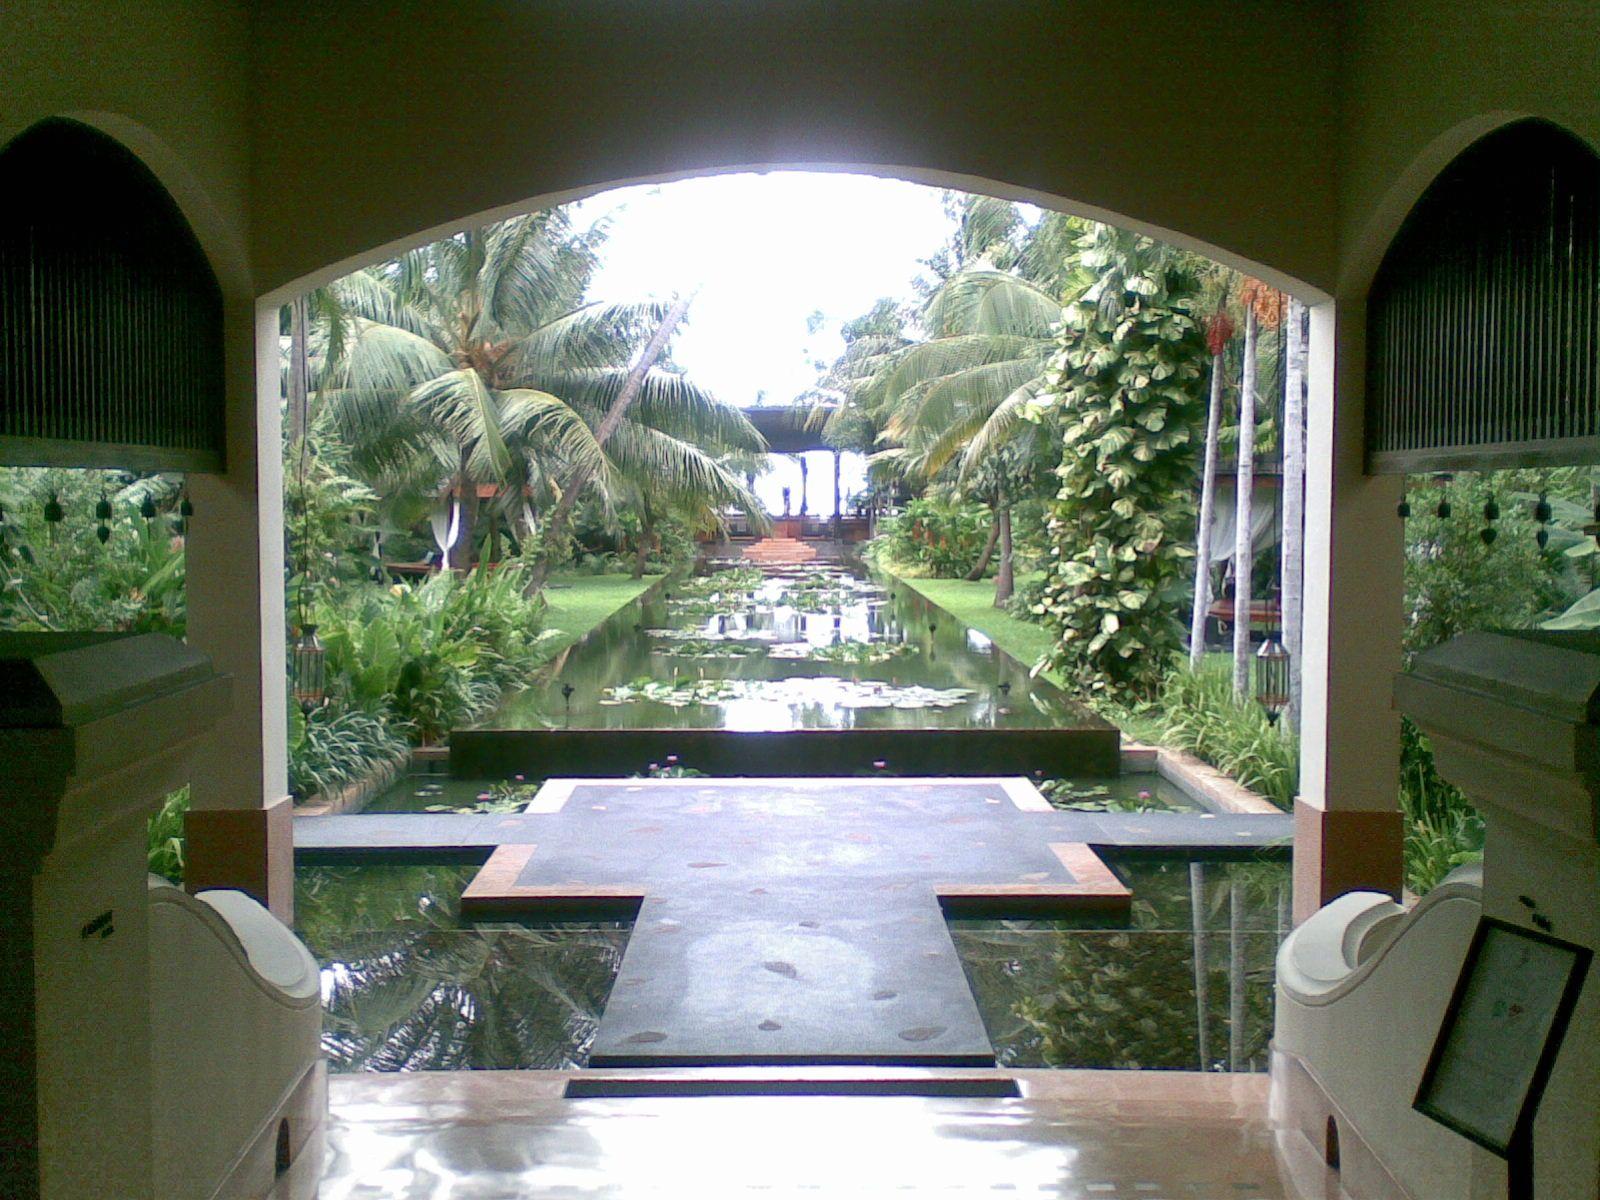 Koh Samui / Anantara Koh samui, Dream house, Favorite places